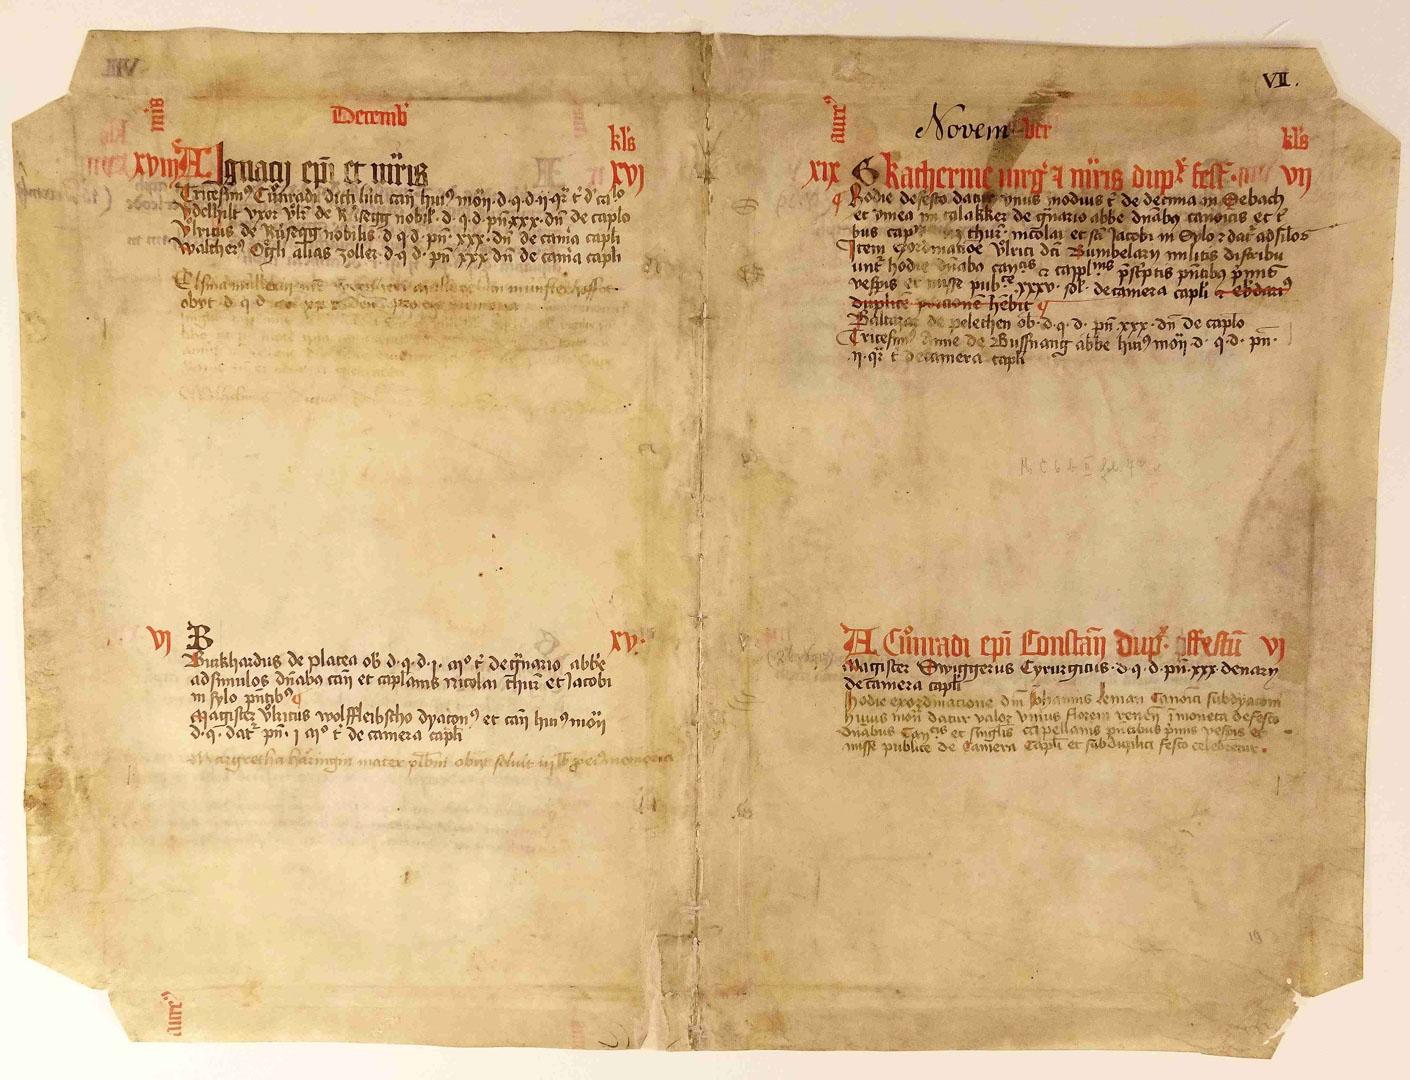 Um die Handschrift als Einband zu verwenden, schnitt man alle 4 Ecken an den Einschlägen ab.